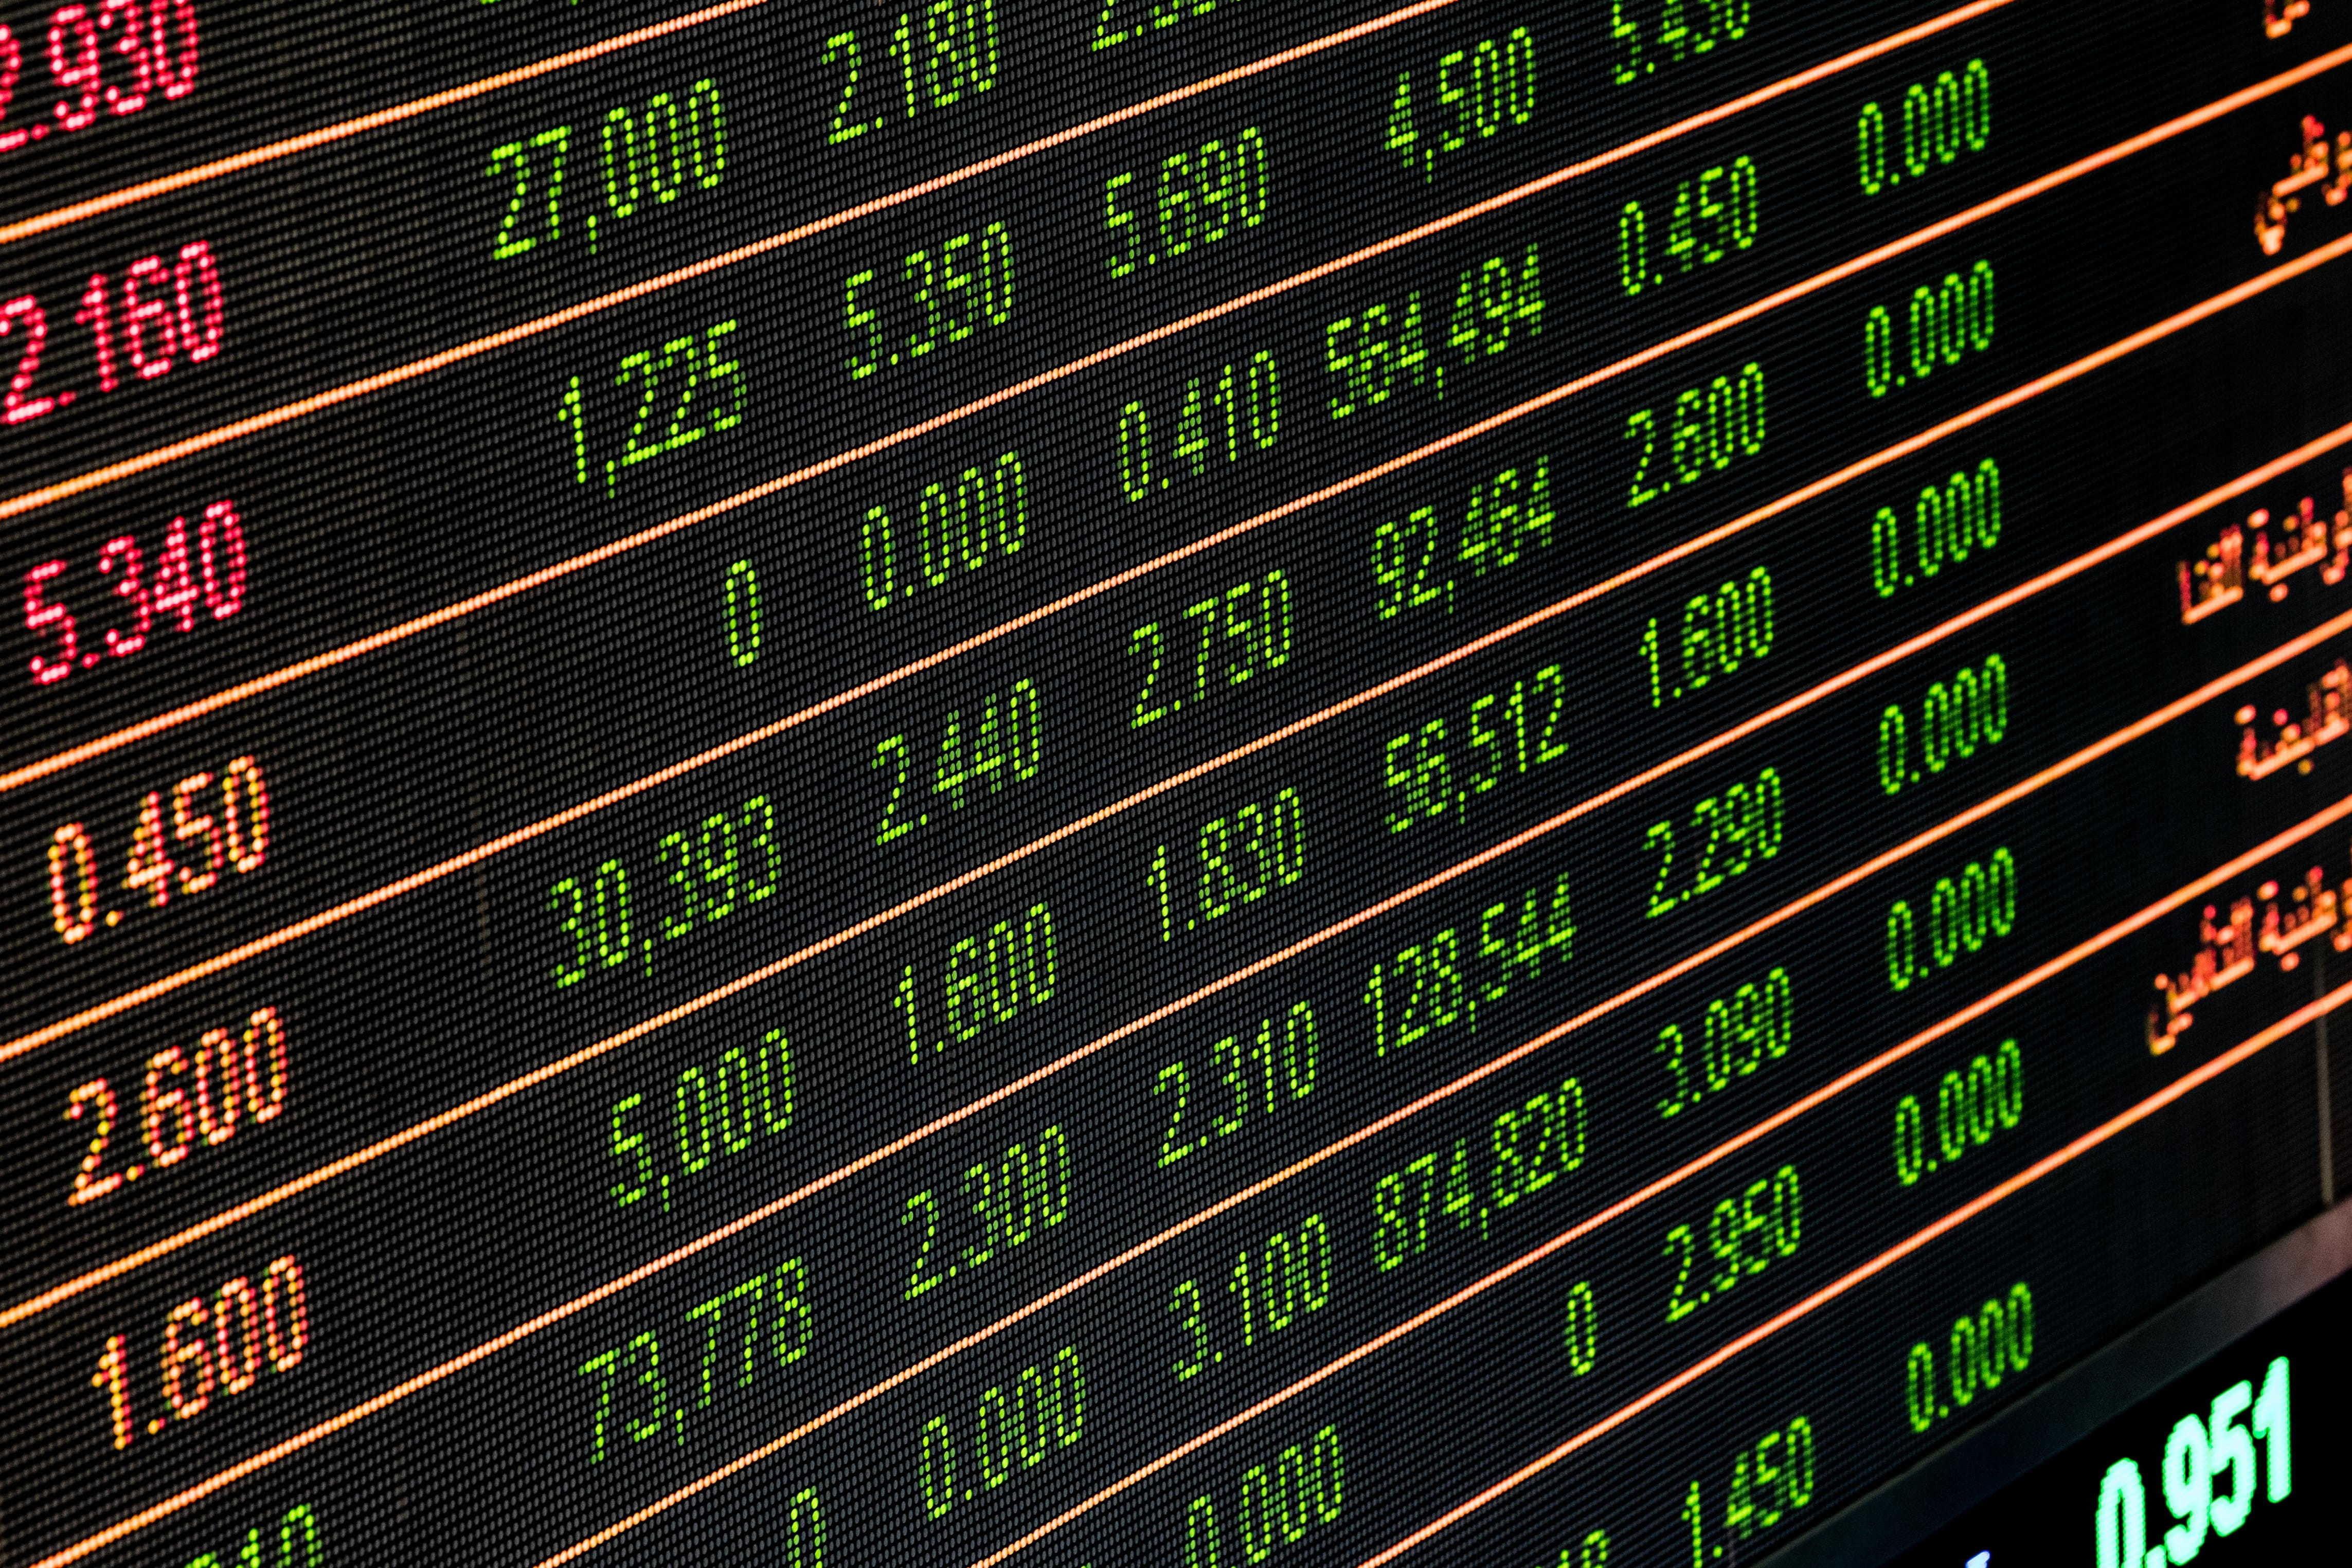 アップル、テスラの株価を押し上げた「株式分割」って何?